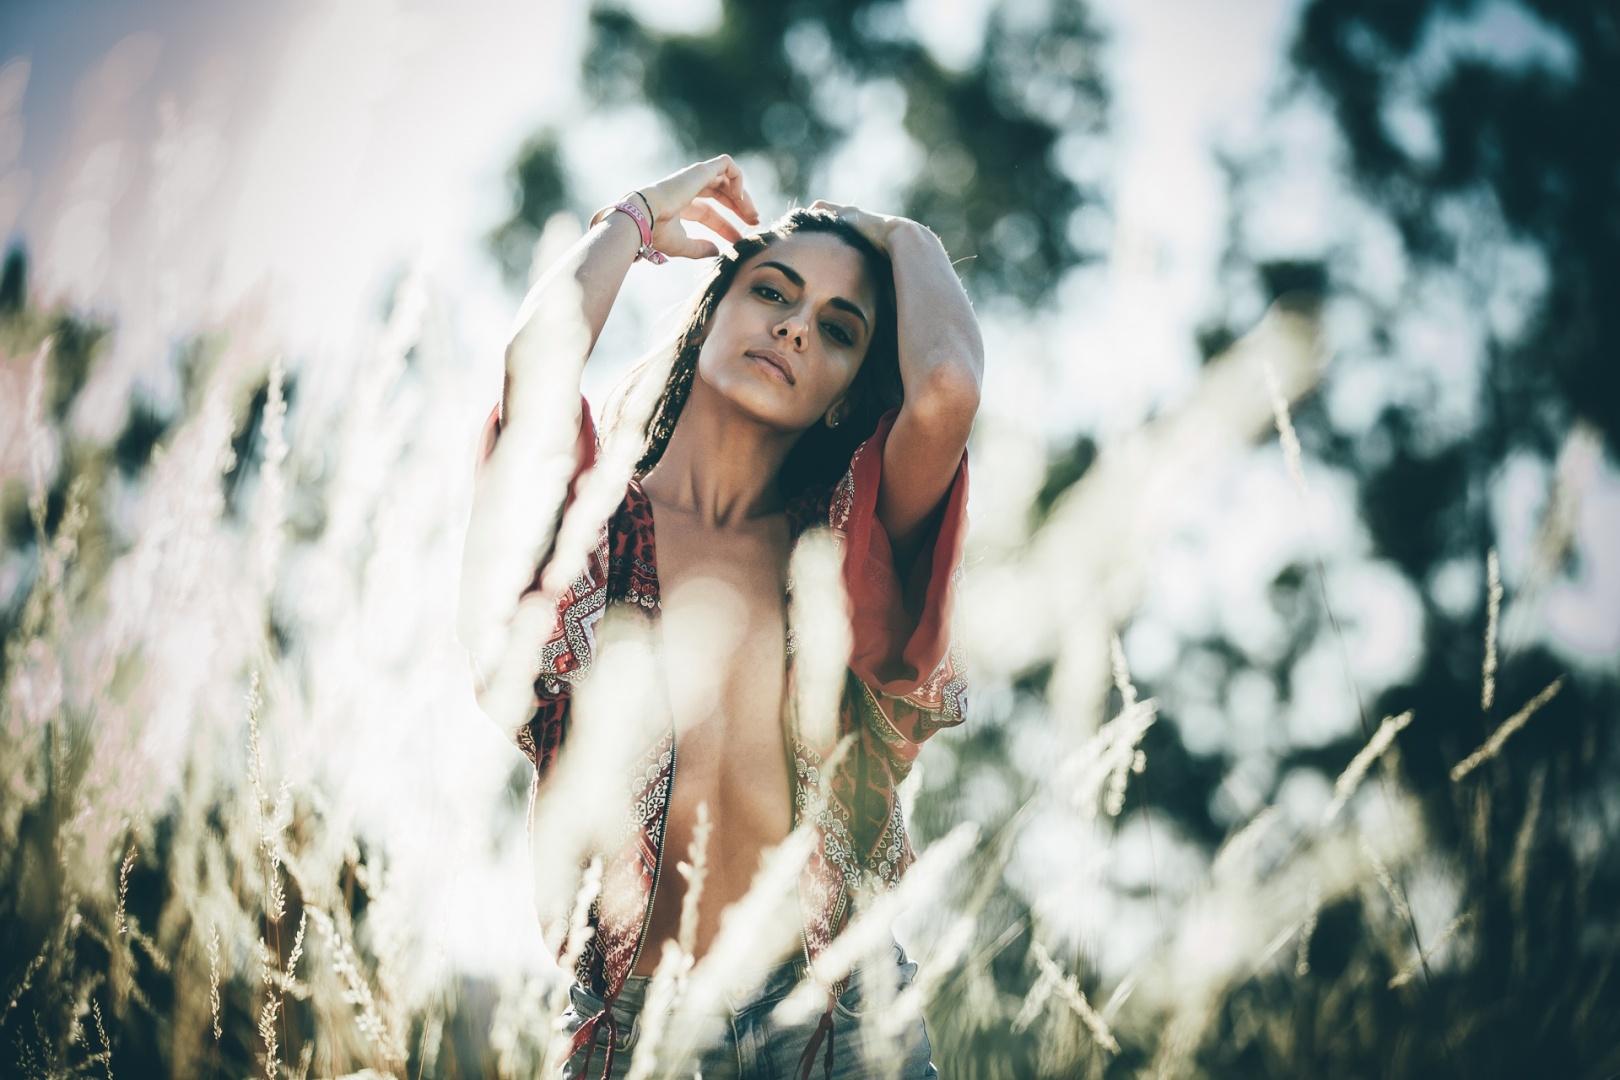 Retratos/solitary daze # 4